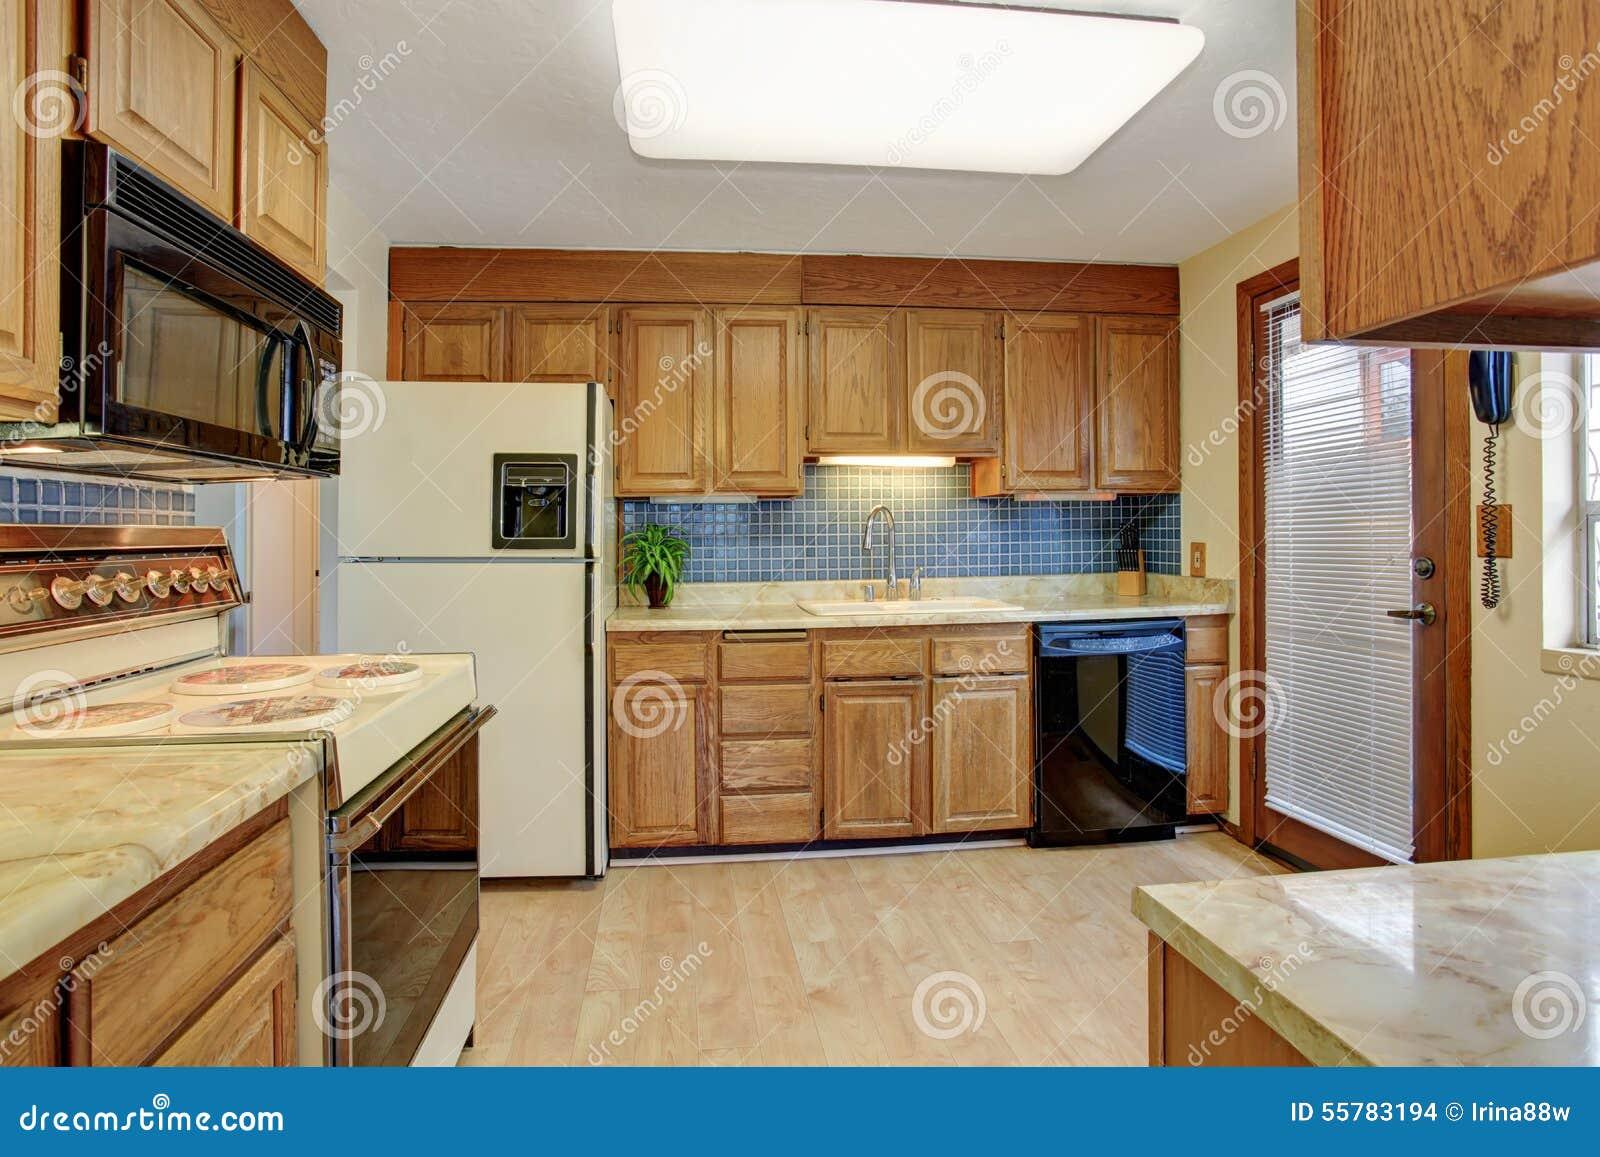 cuisine simple avec le plancher en bois dur photo stock image du tage bois 55783194. Black Bedroom Furniture Sets. Home Design Ideas